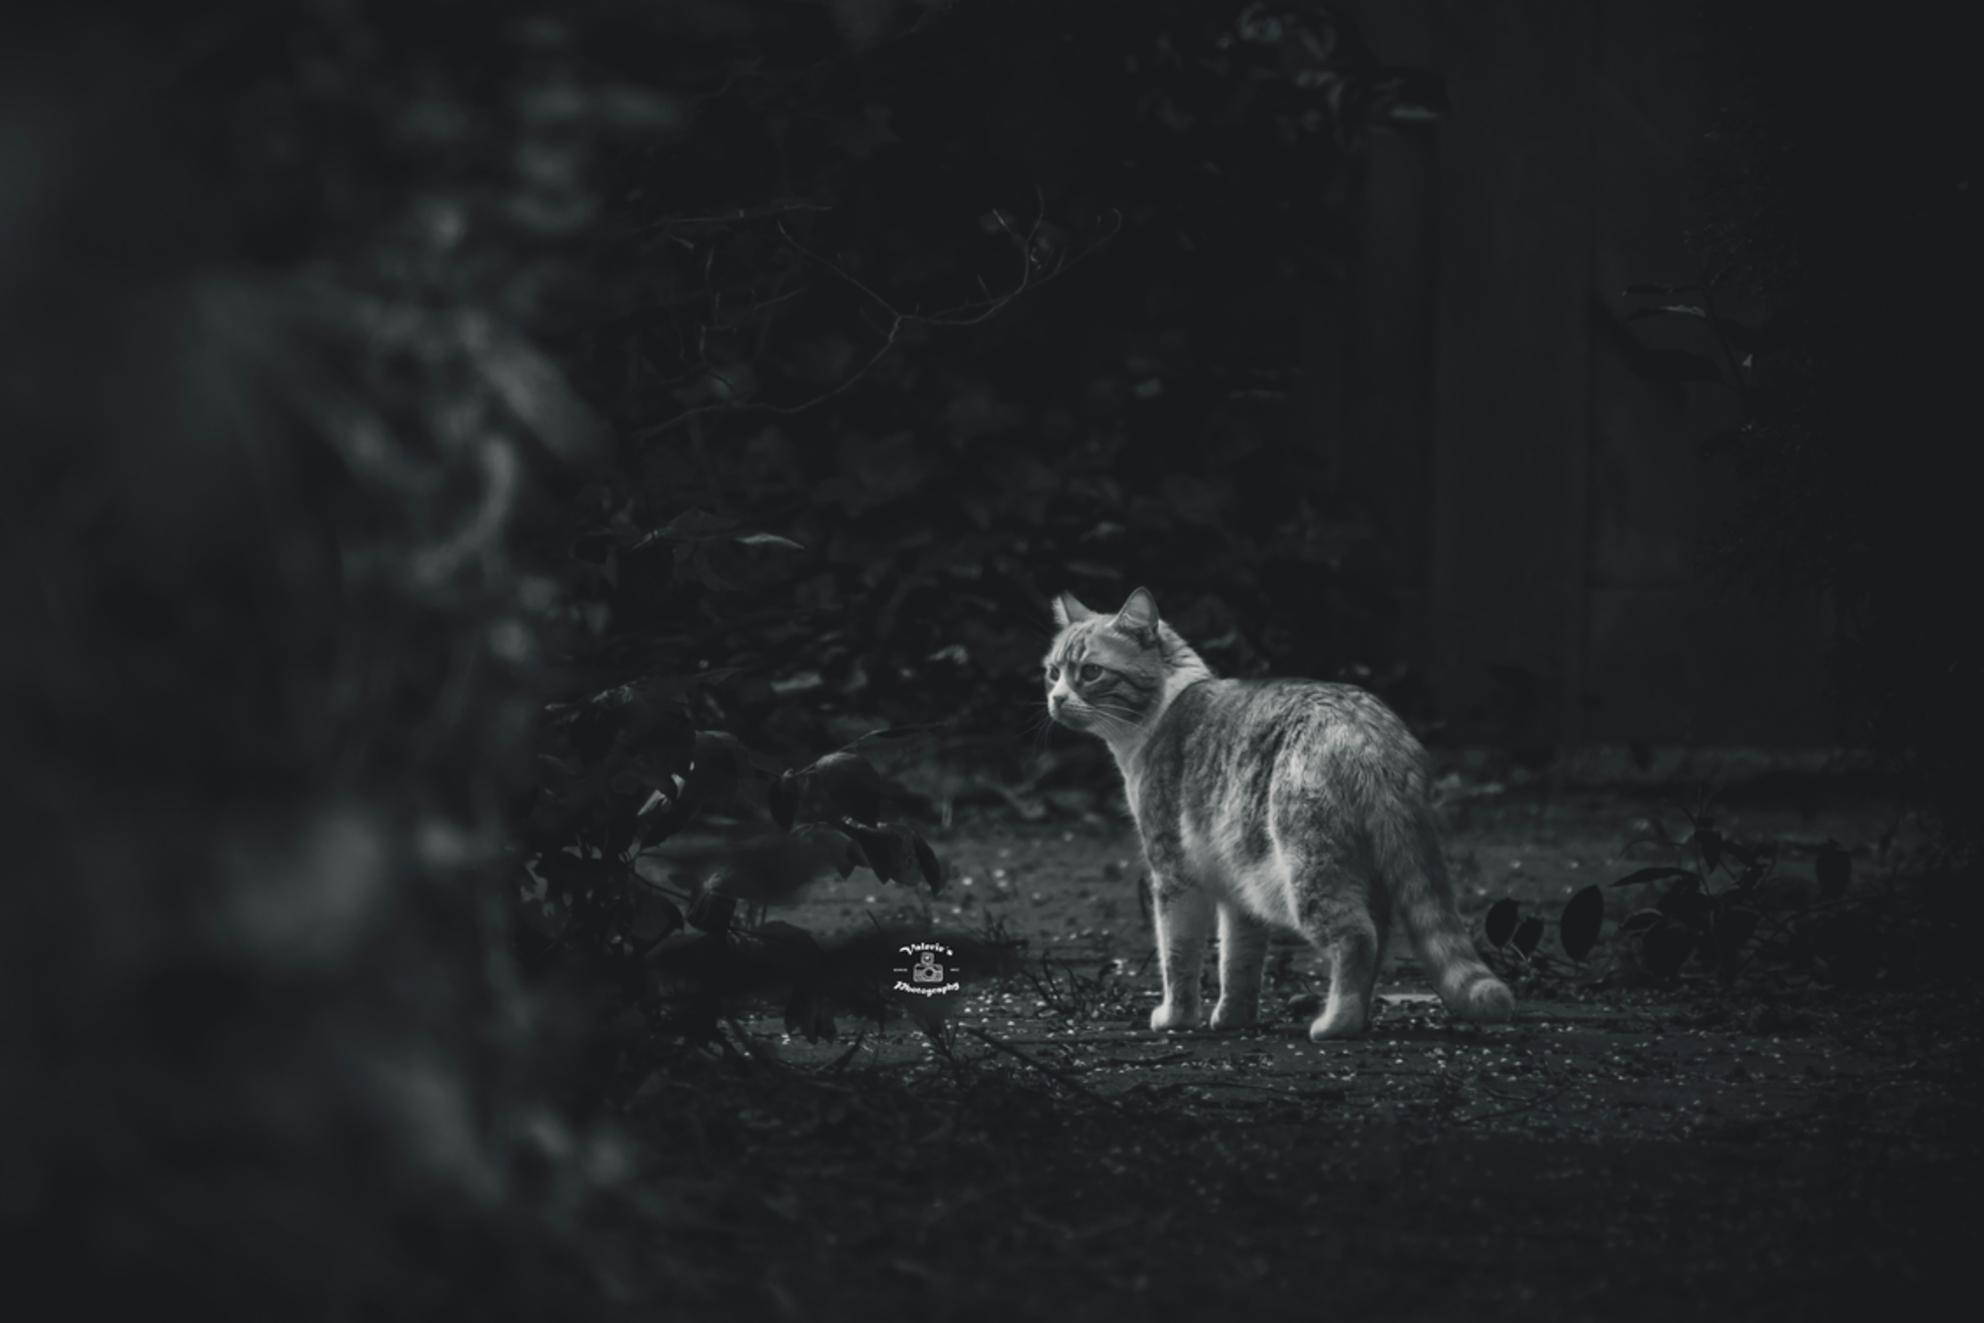 Cat in Black and white - De kat liep door een donker steegje toen er één straaltje licht precies goed viel - foto door Valeries-Photography op 23-05-2019 - deze foto bevat: natuur, black, poes, dieren, kat, kater, white, cat, roofdier, zoogdier, felis, huiskat, zwart wit, b&w